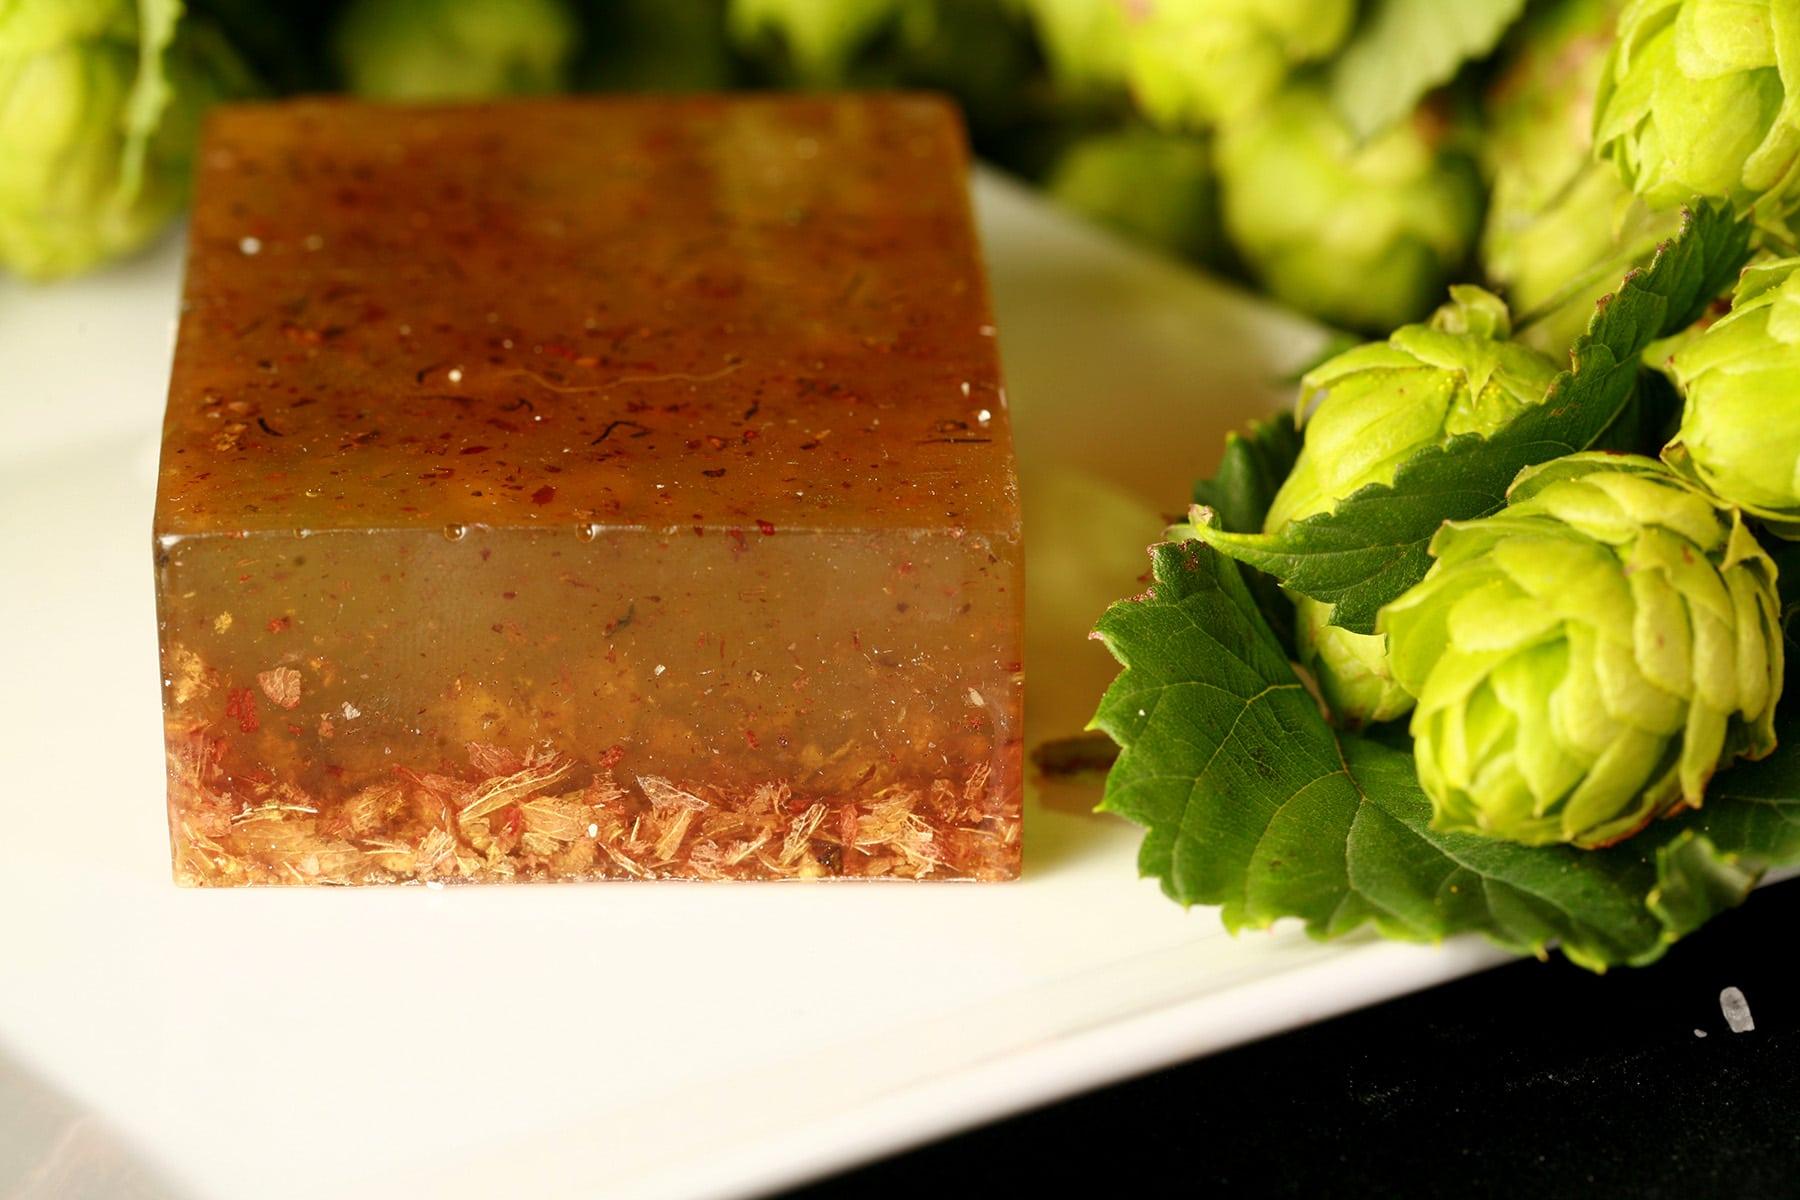 A close up photo of a deep amber bar of hop soap.